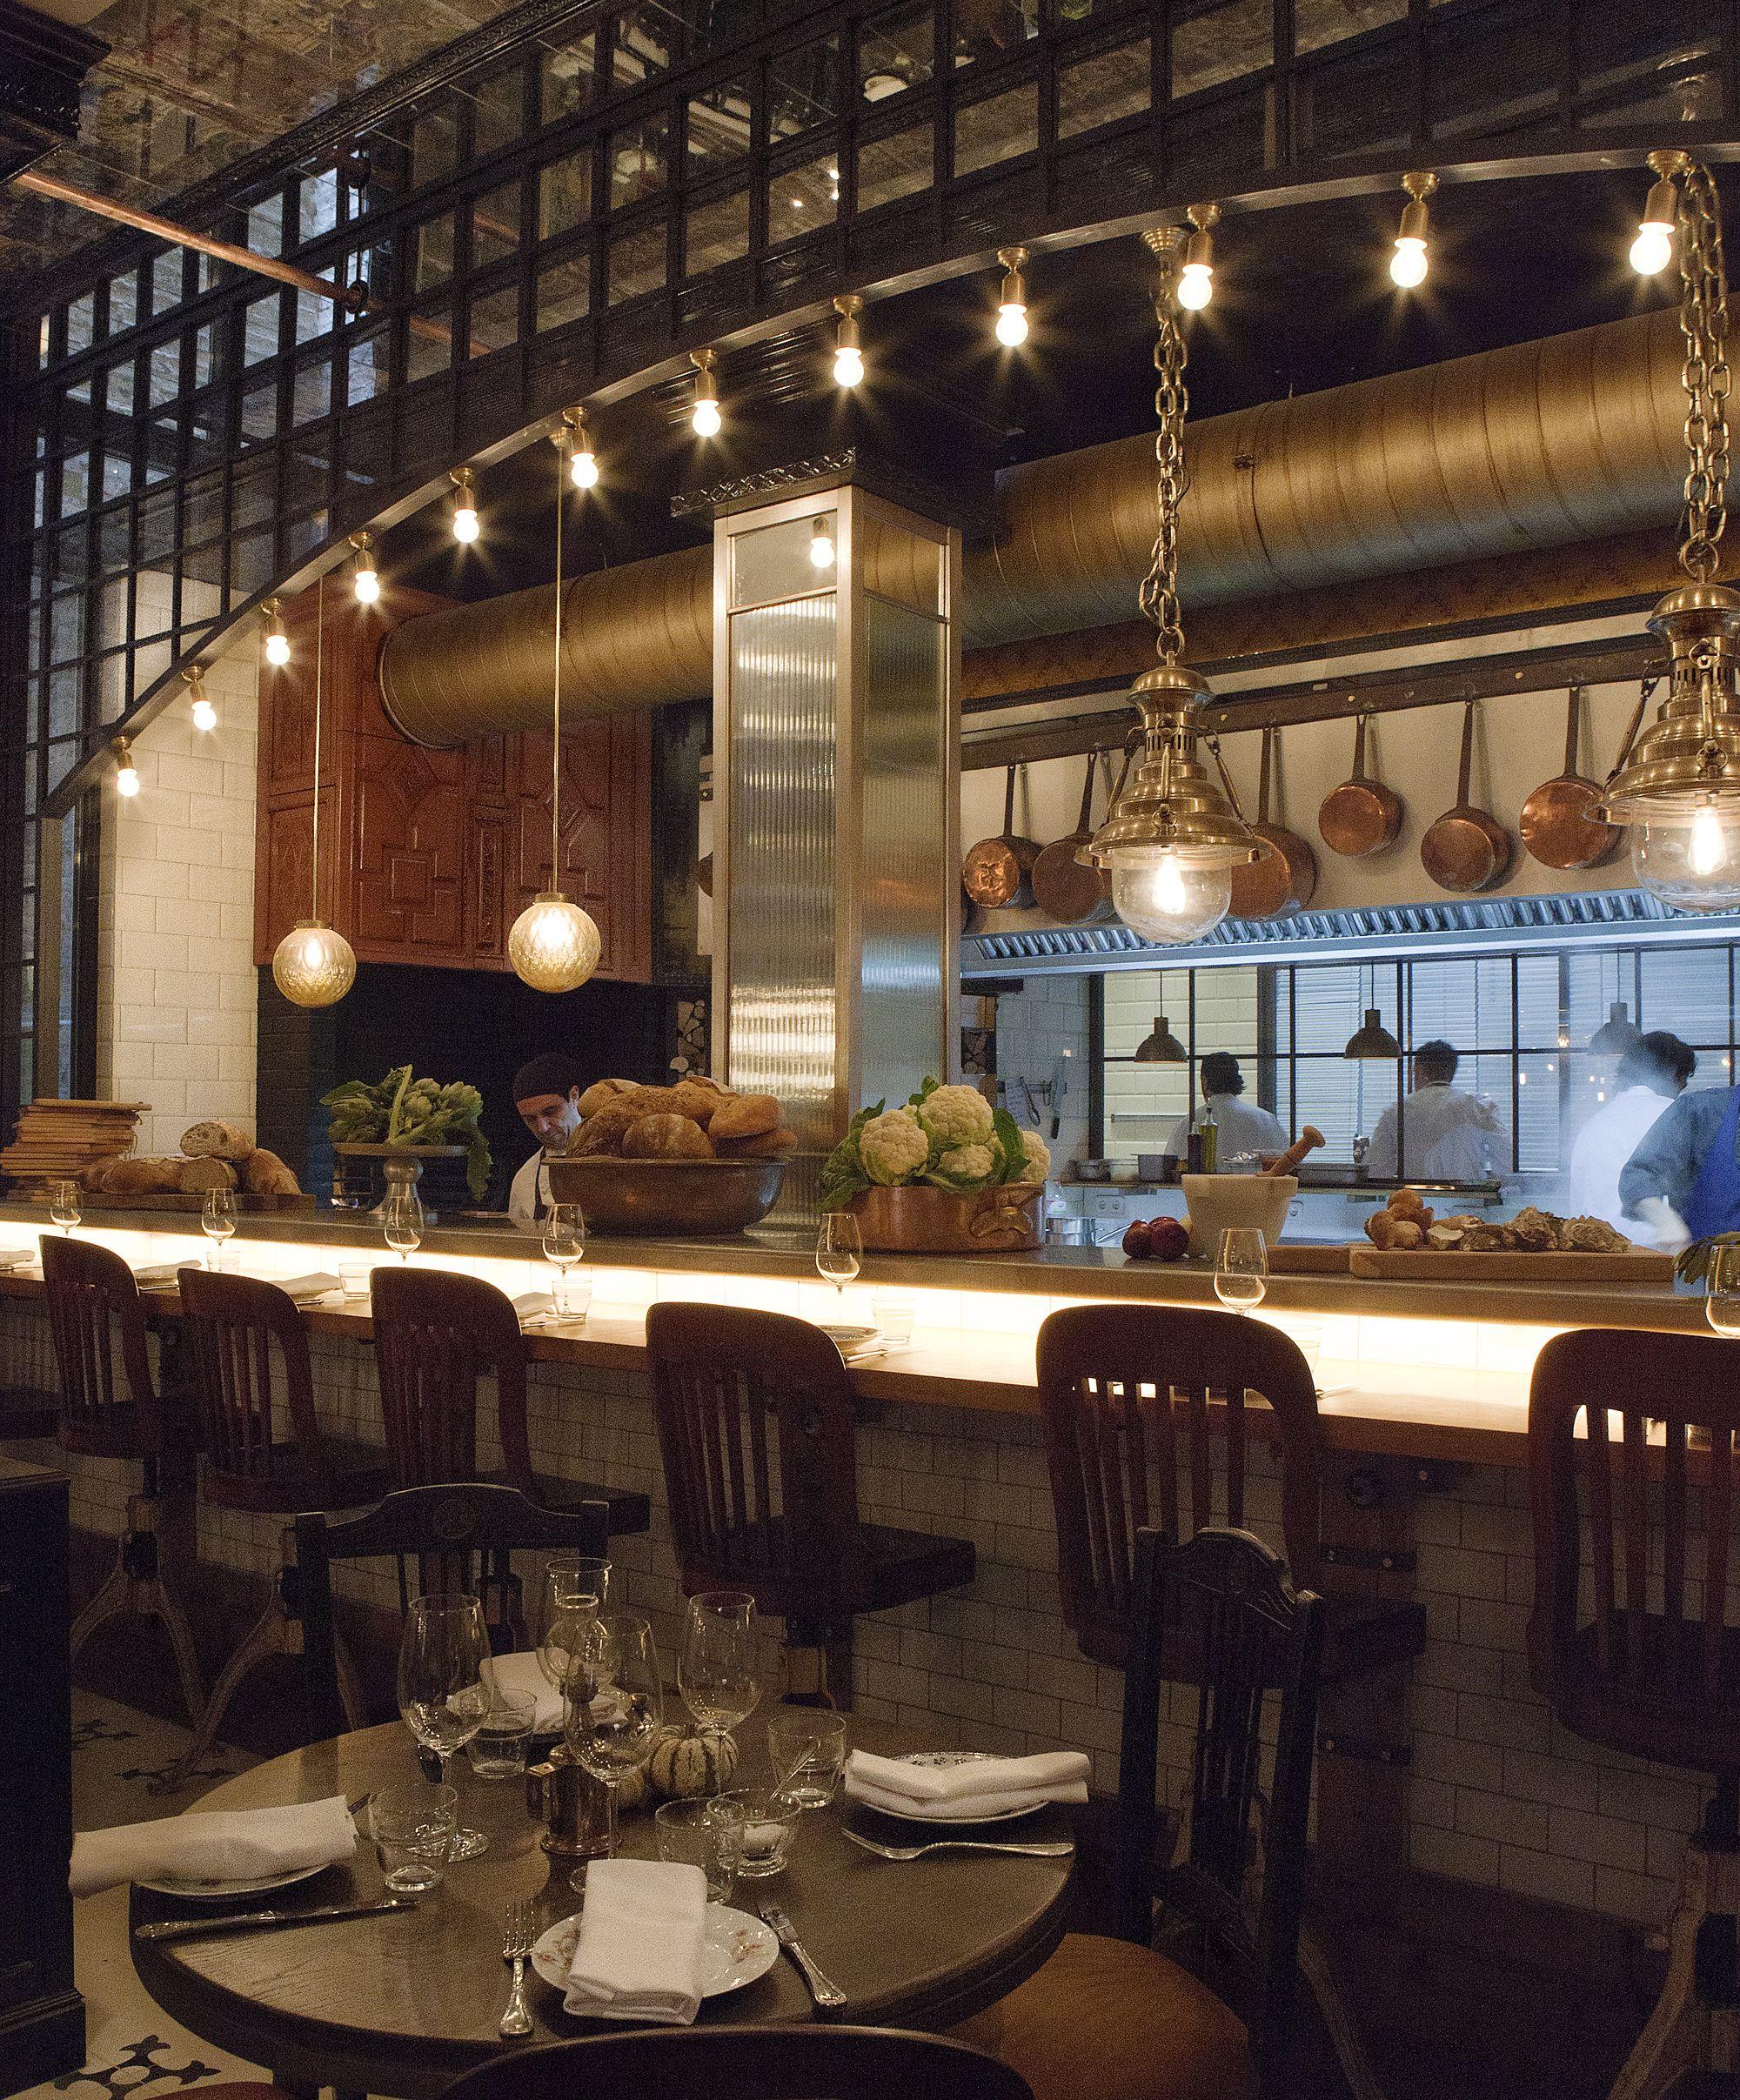 Restaurant With Open Kitchen: Cocina Toto En Barcelona #totorestaurante #toto #barcelona